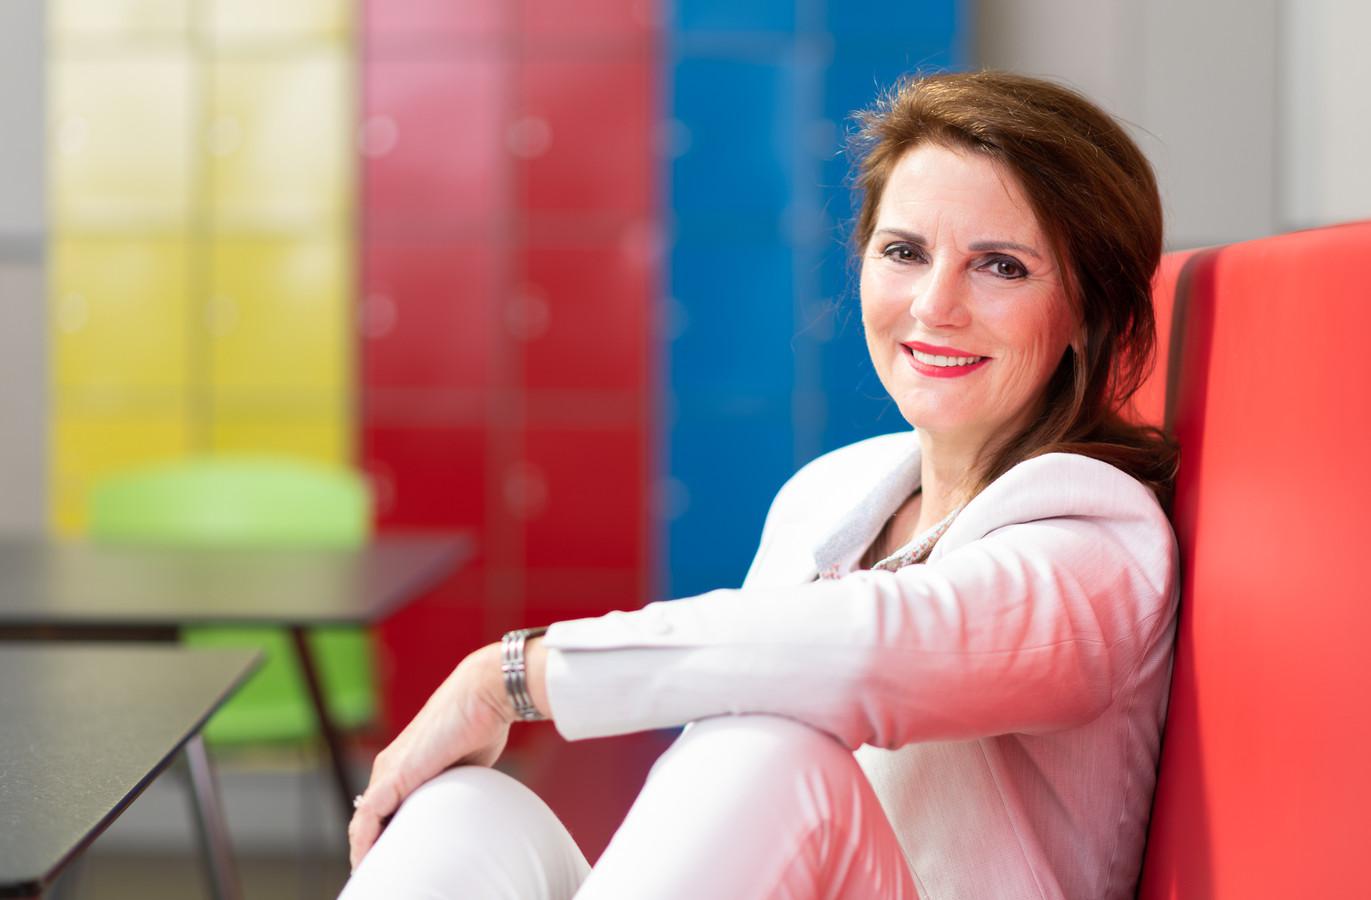 Anita Karremans van netwerkorganisatie Samen in de Regio, met 165 bedrijven, scholen en organisatie uit de gemeenten Bergen op Zoom, Woensdrecht en Steenbergen als partner.